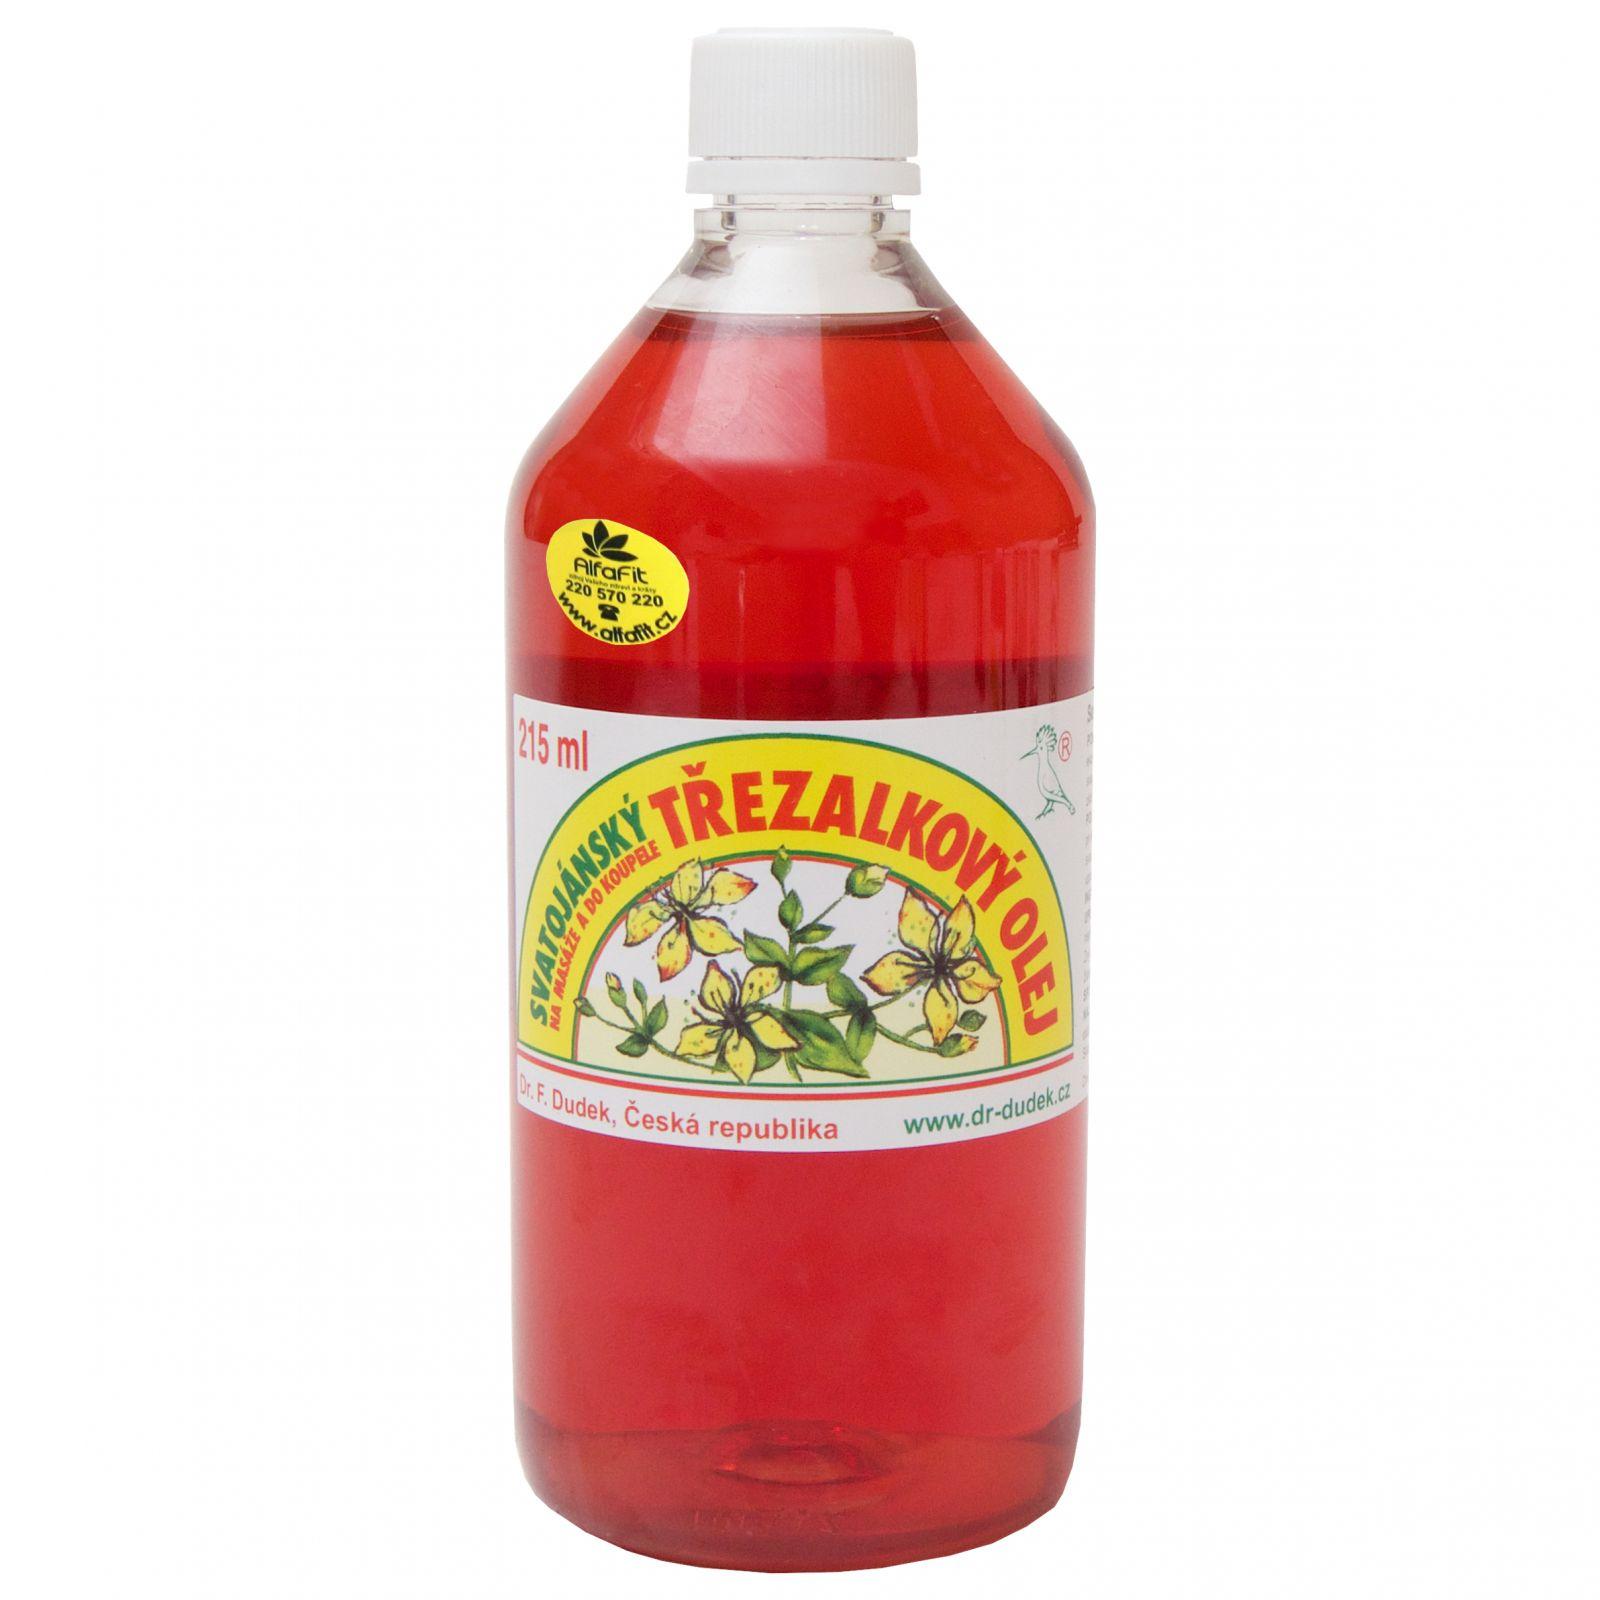 Dr. Dudek Třezalkový olej 215 ml